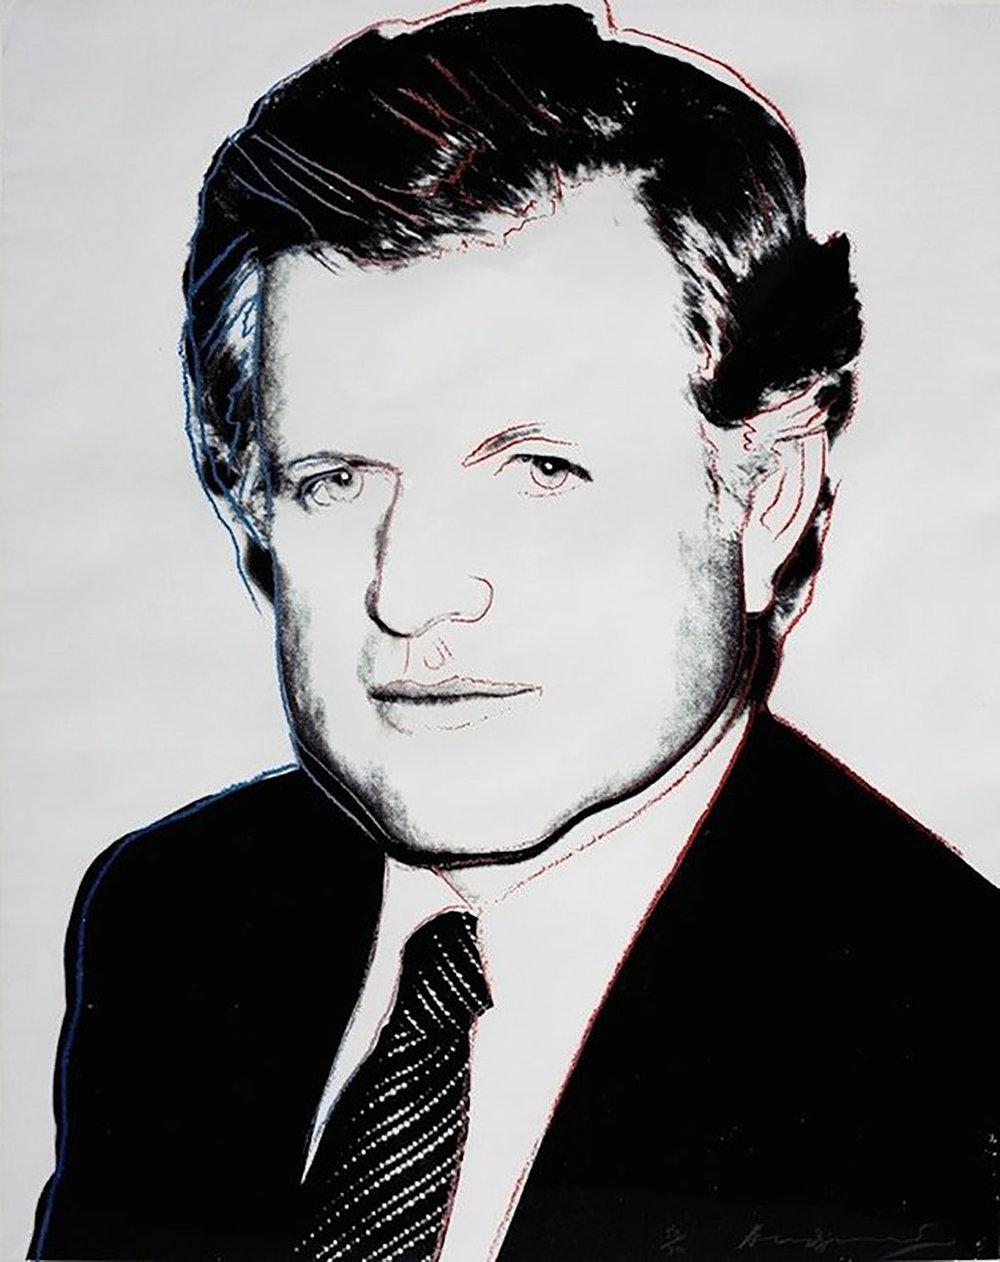 Andy Warhol - Edward Kennedy (FS II.240)